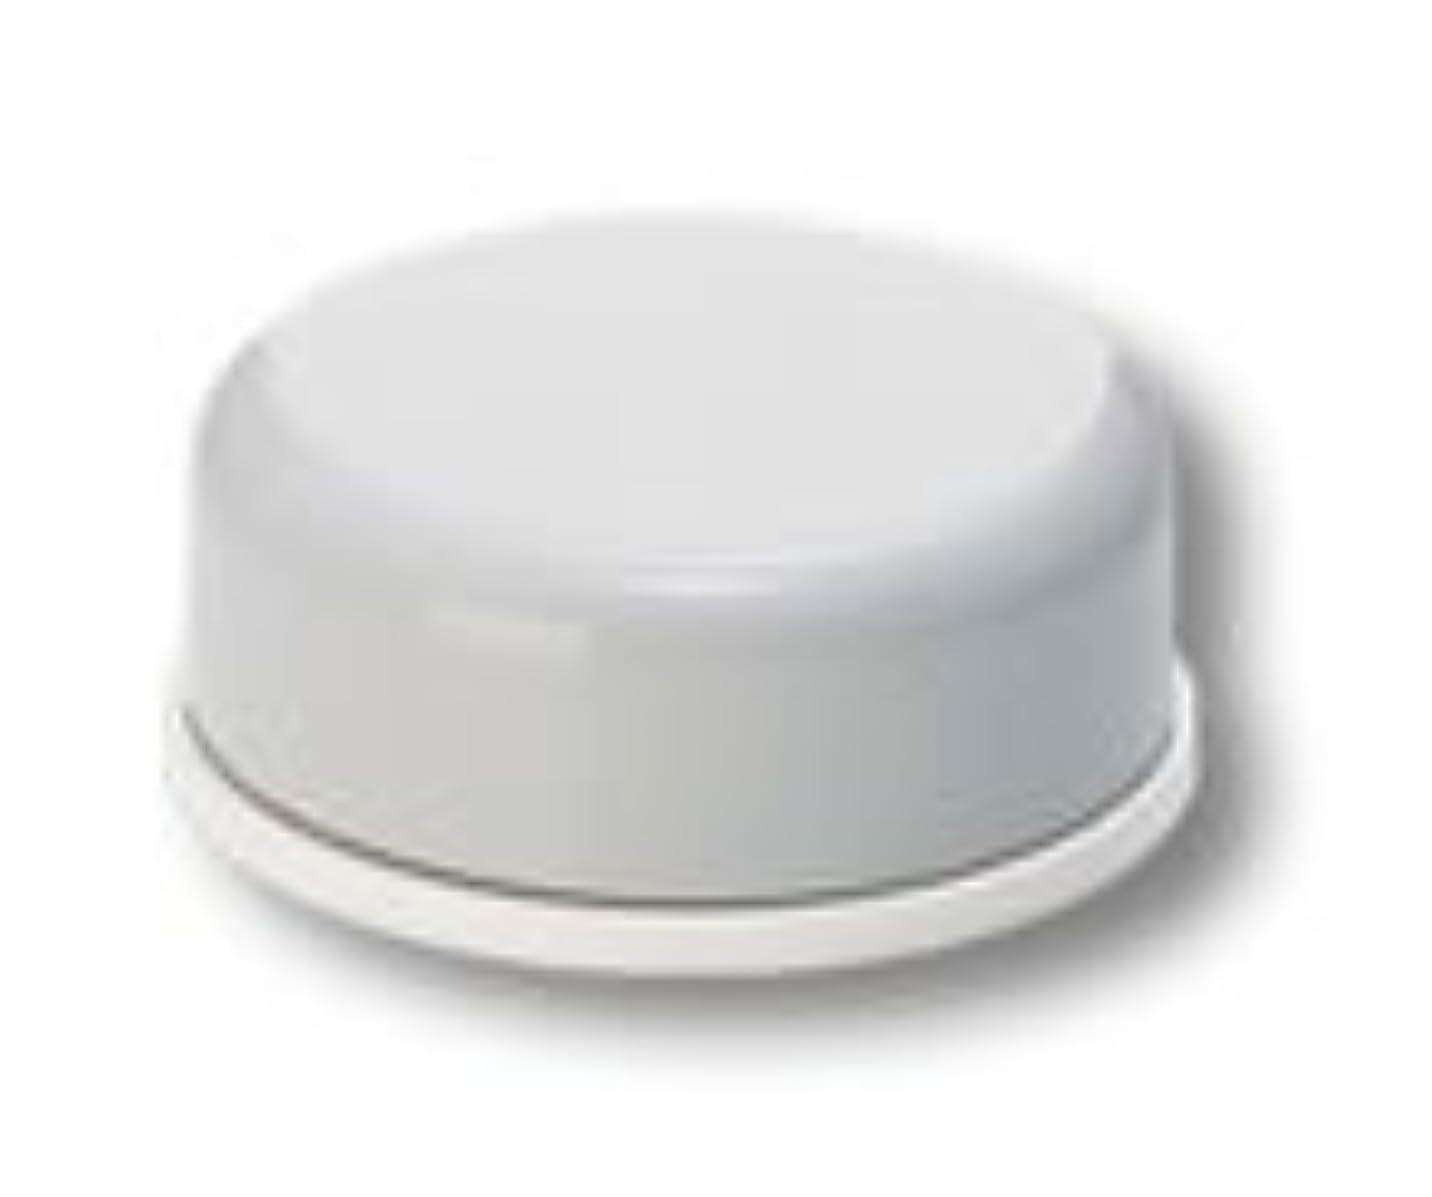 乳白宇宙すばらしいですカシー化粧品 (CATHY) リポルテ スポット ケア 6g